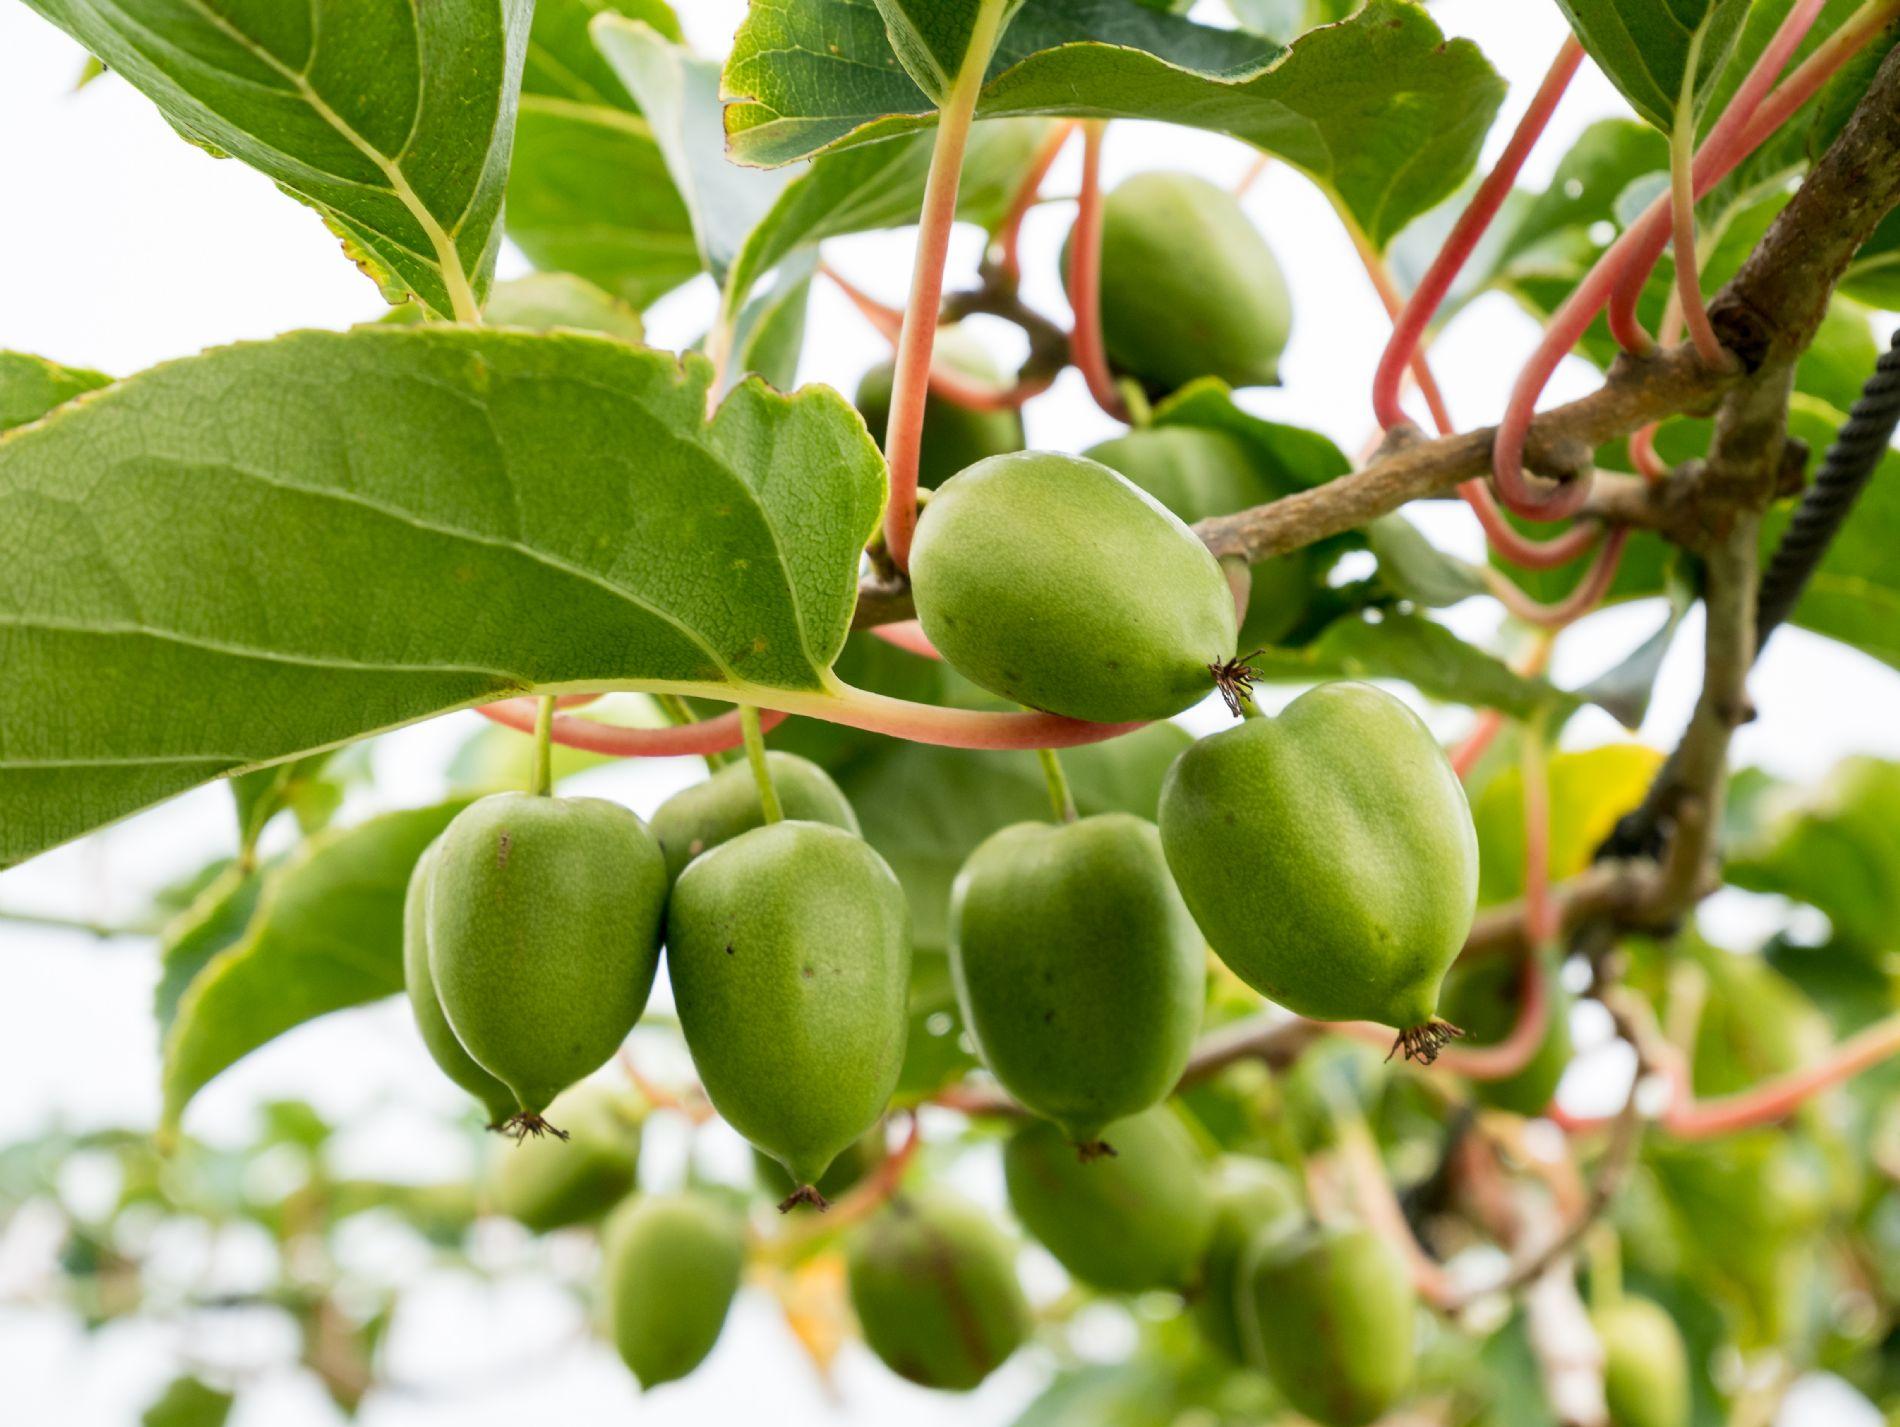 kiwiberry - mini kiwi